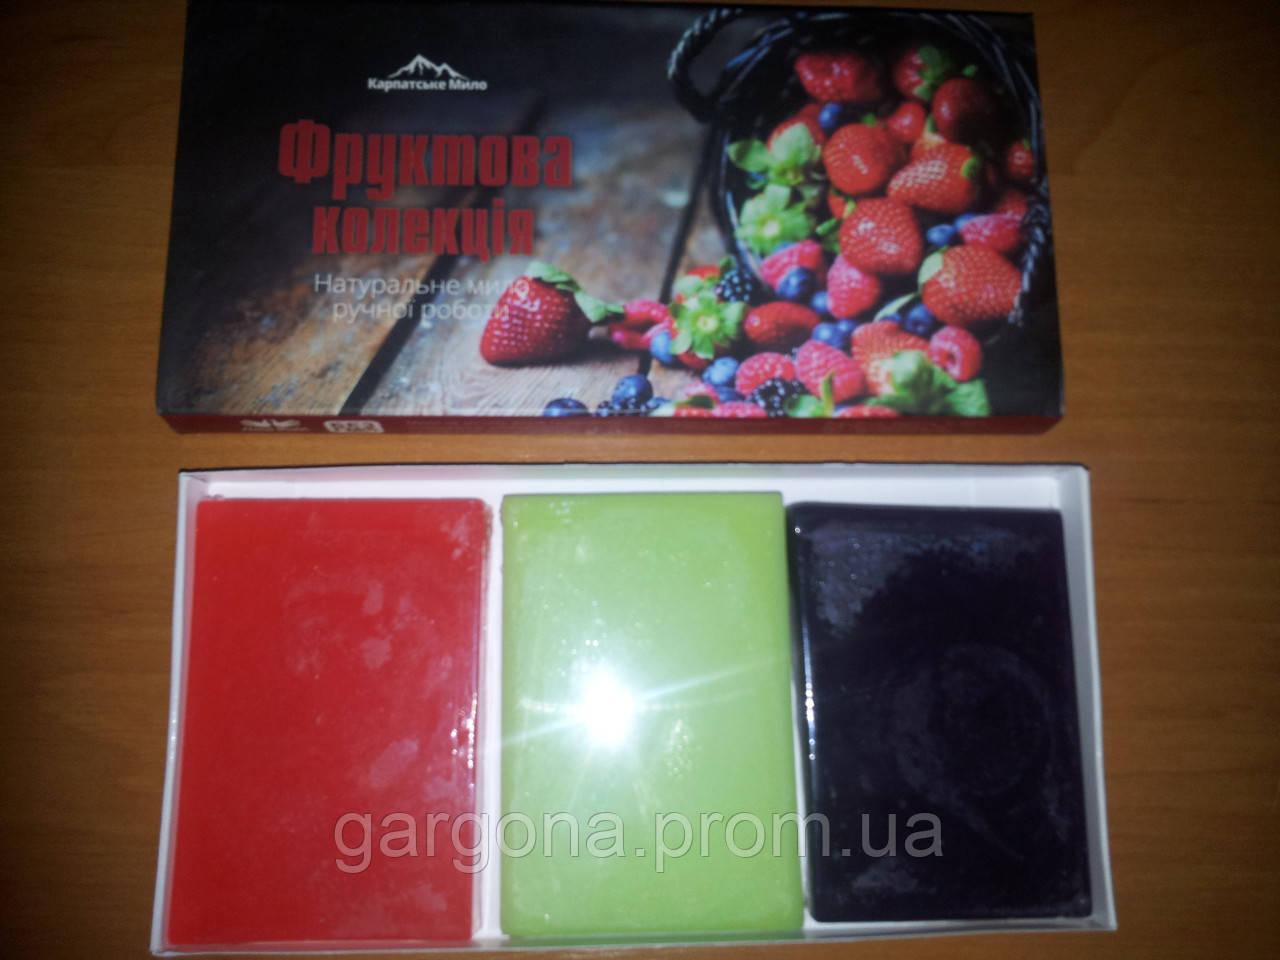 Мыло ручной работы. набор ассорти 150г (3шт)на выбор Украина - Интернет Магазин Shop-Gargona в Одессе